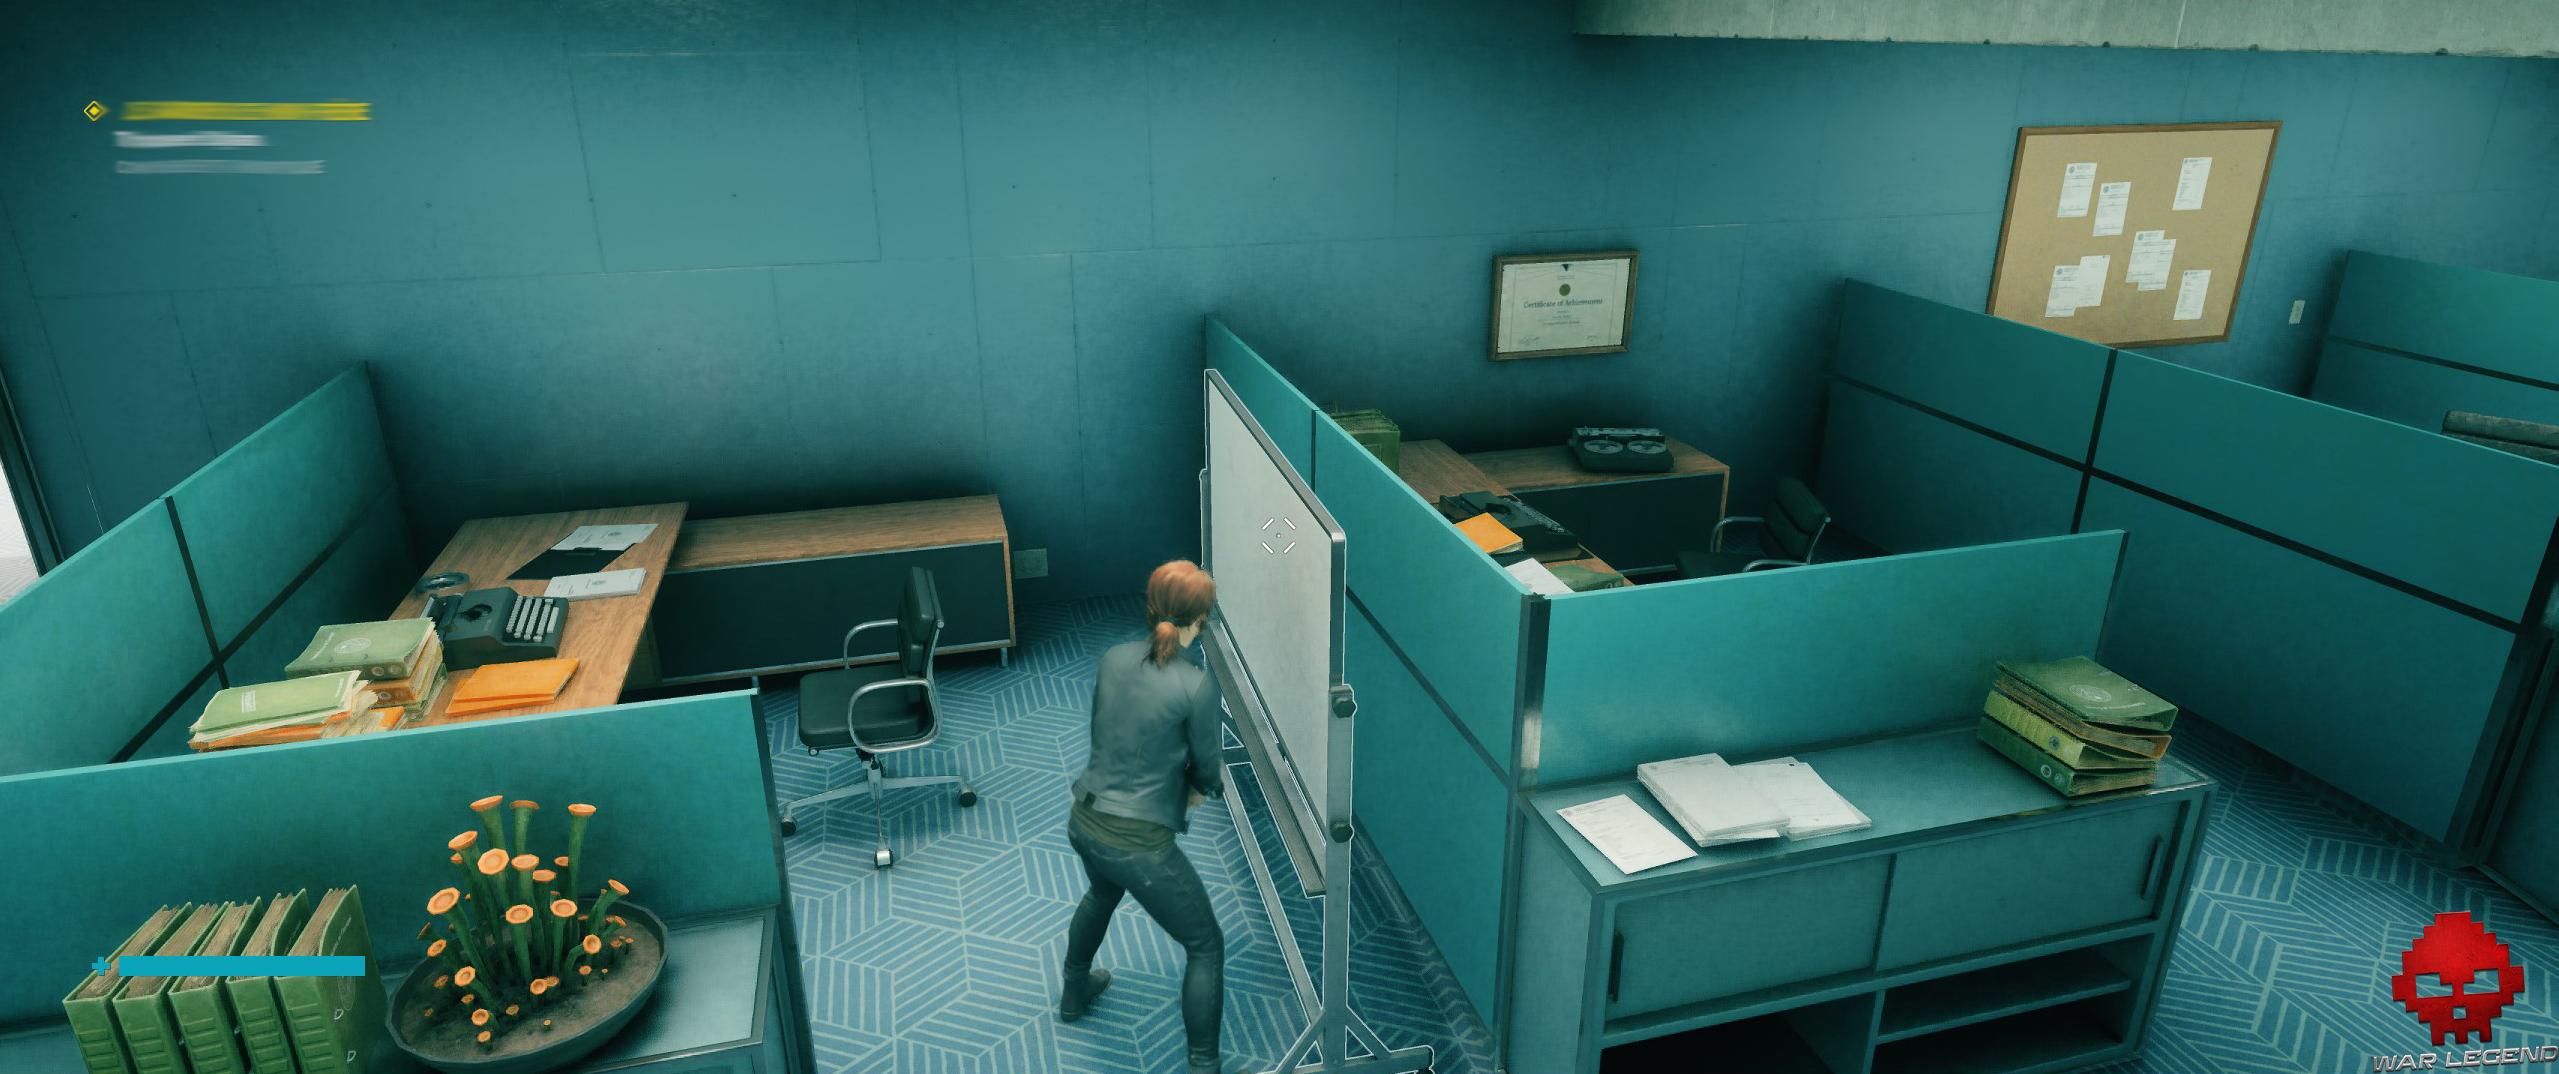 Test Control - bureaux, ombres de contact avec DXR